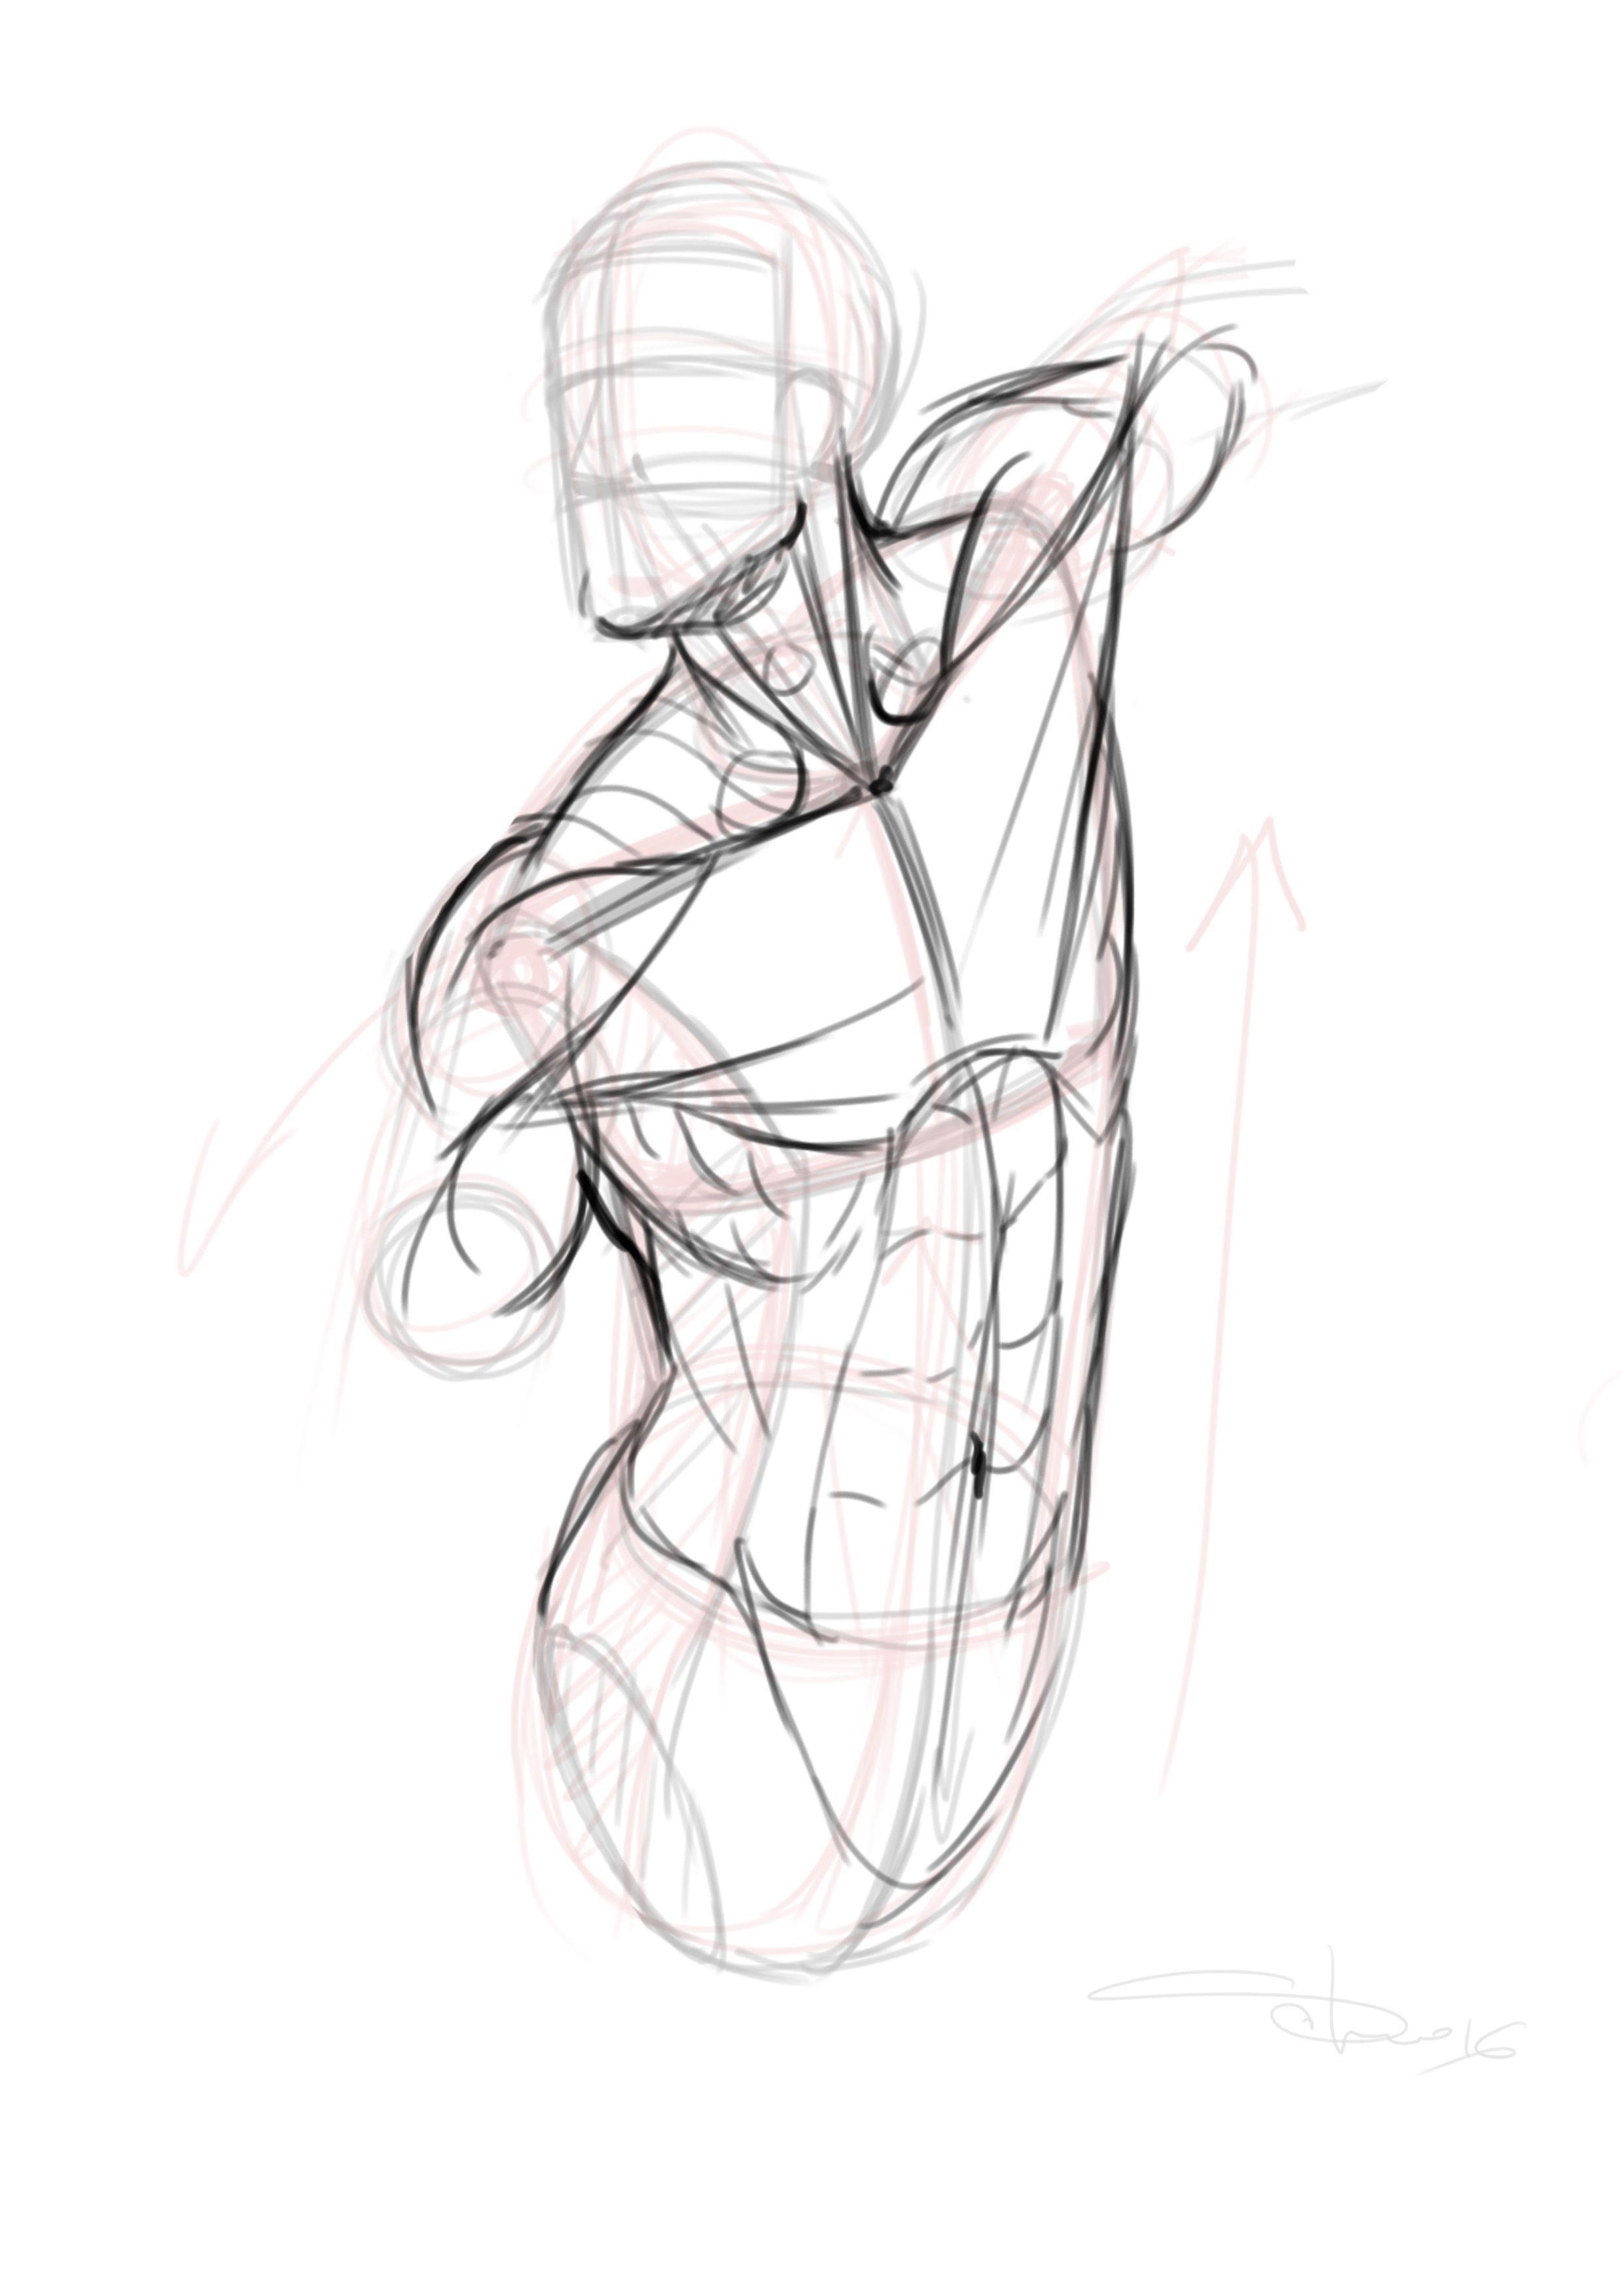 Pin de Christian Martínez en Anatomia | Pinterest | Anatomía, Dibujo ...